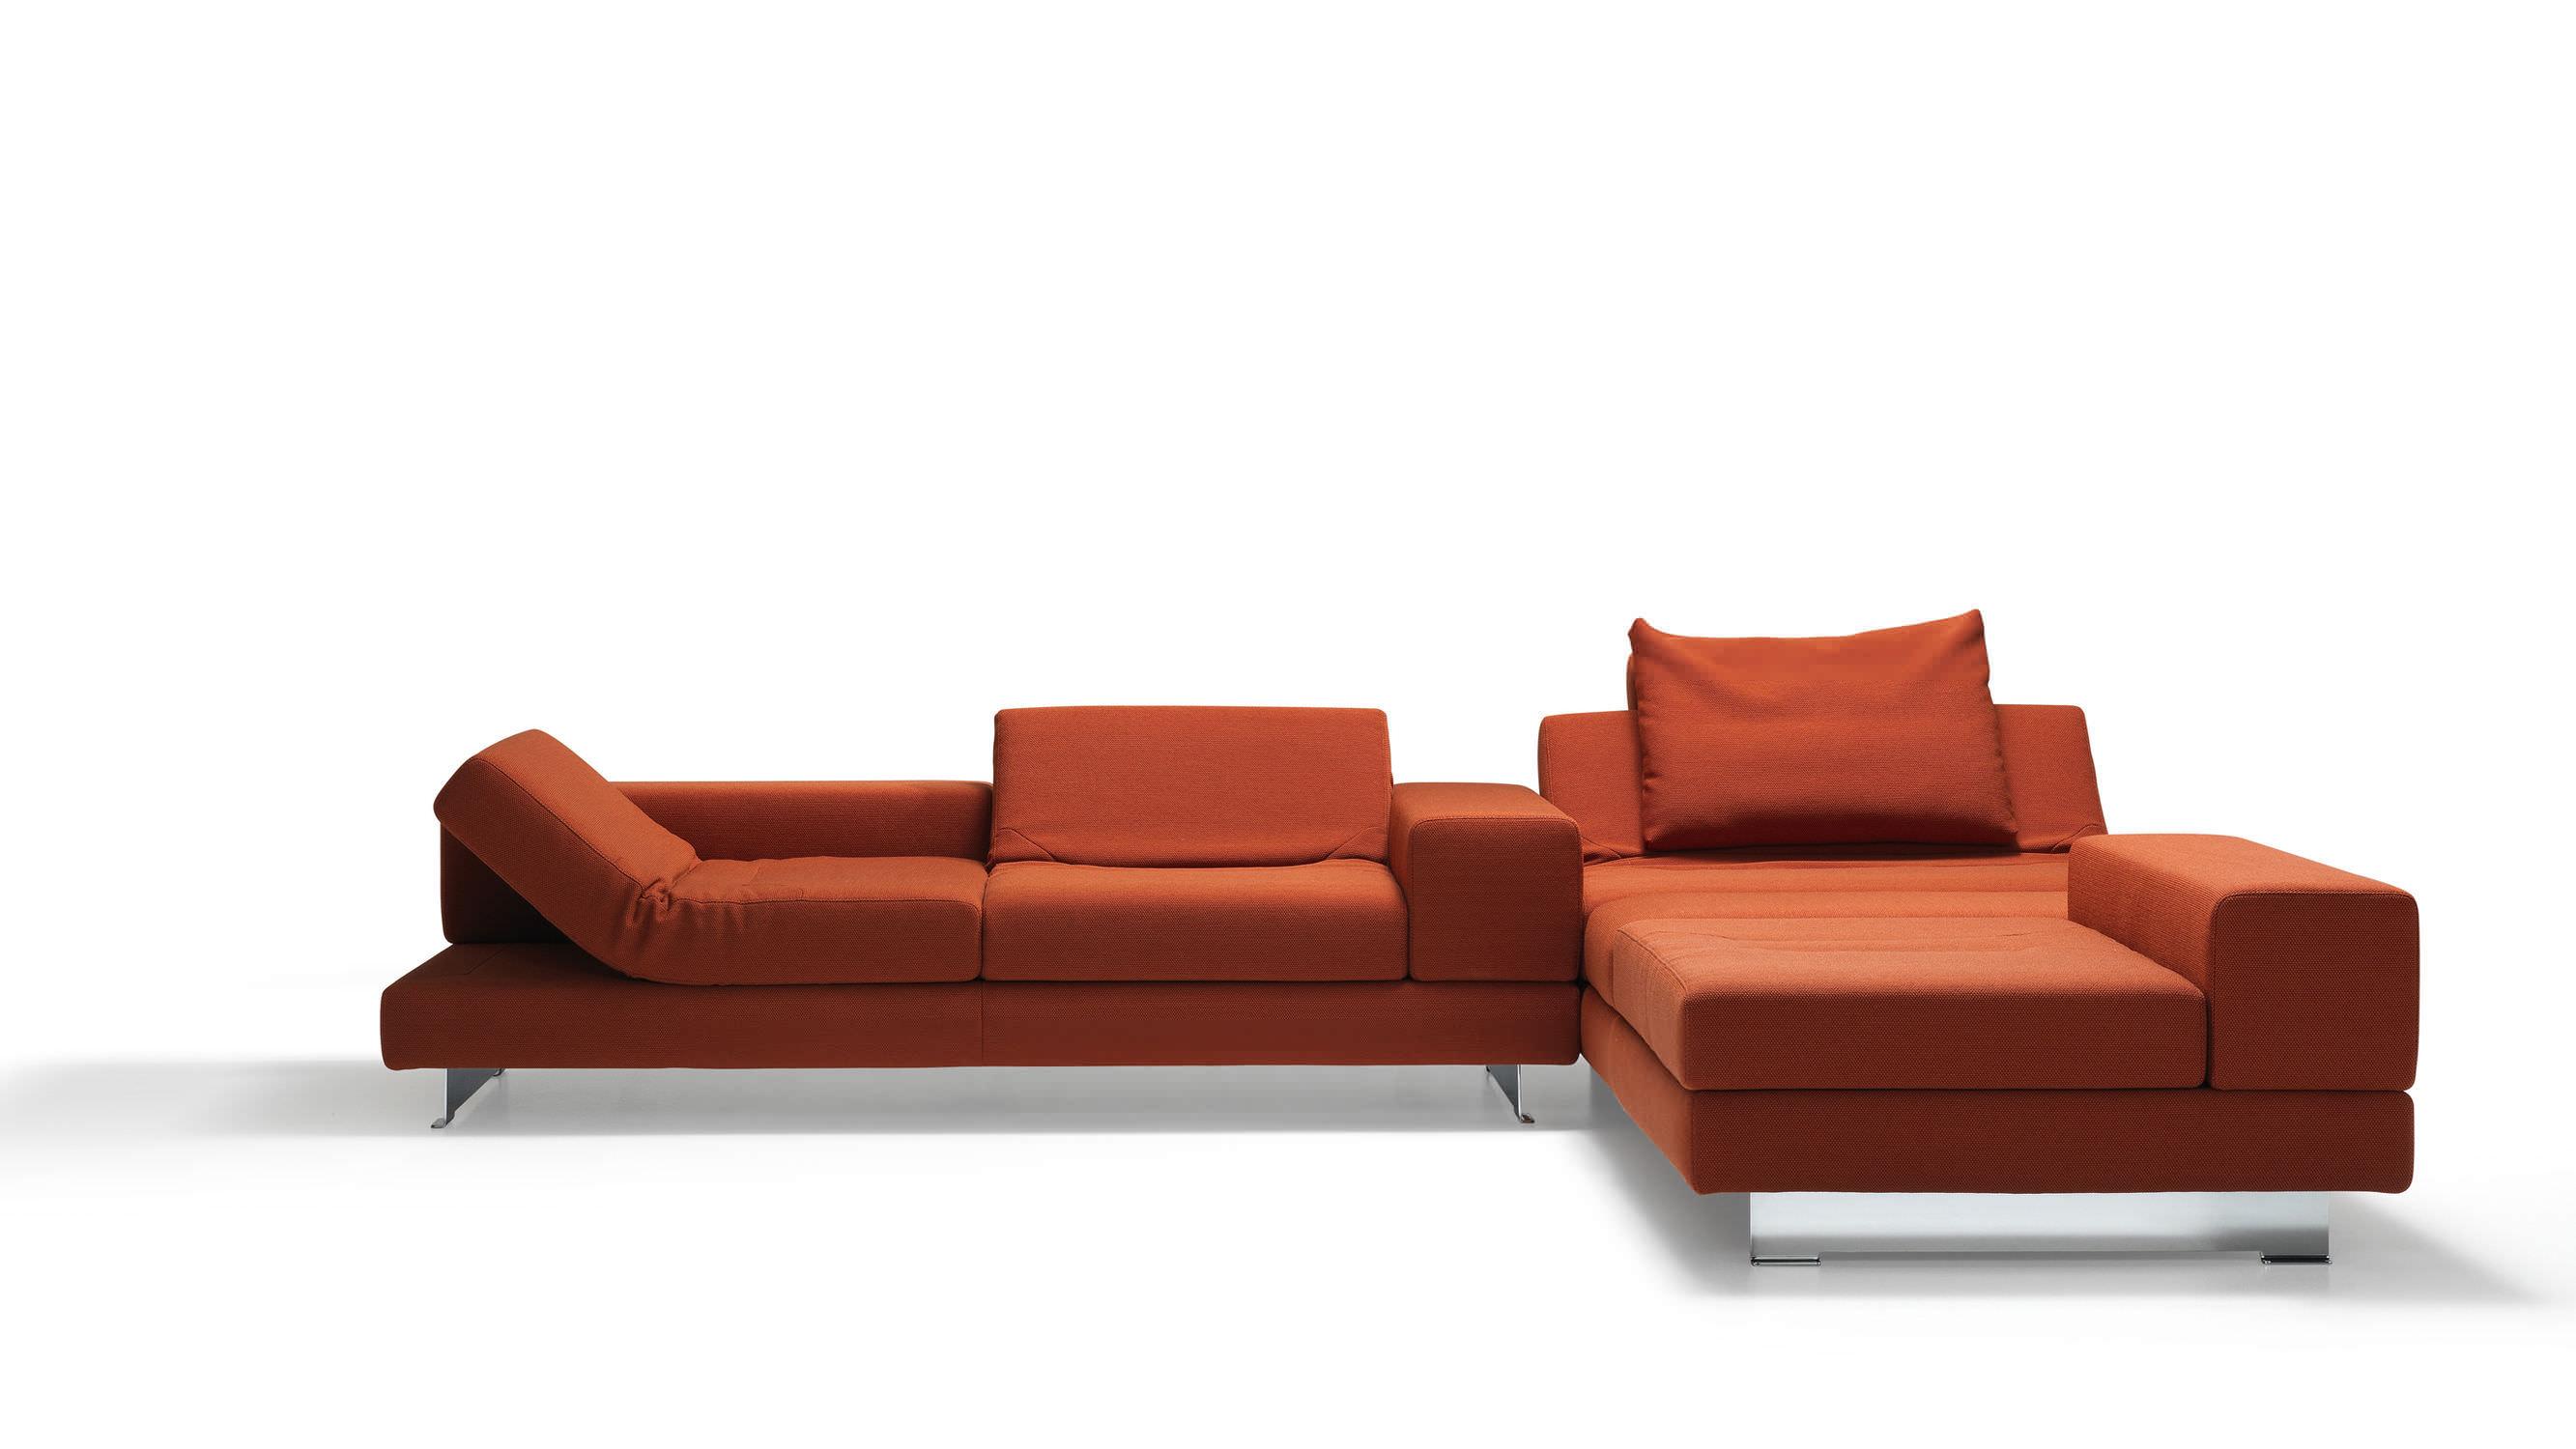 divano design minimalista / in tessuto / 3 posti / con schienale ... - Pelle Dangolo Divano Minimalista